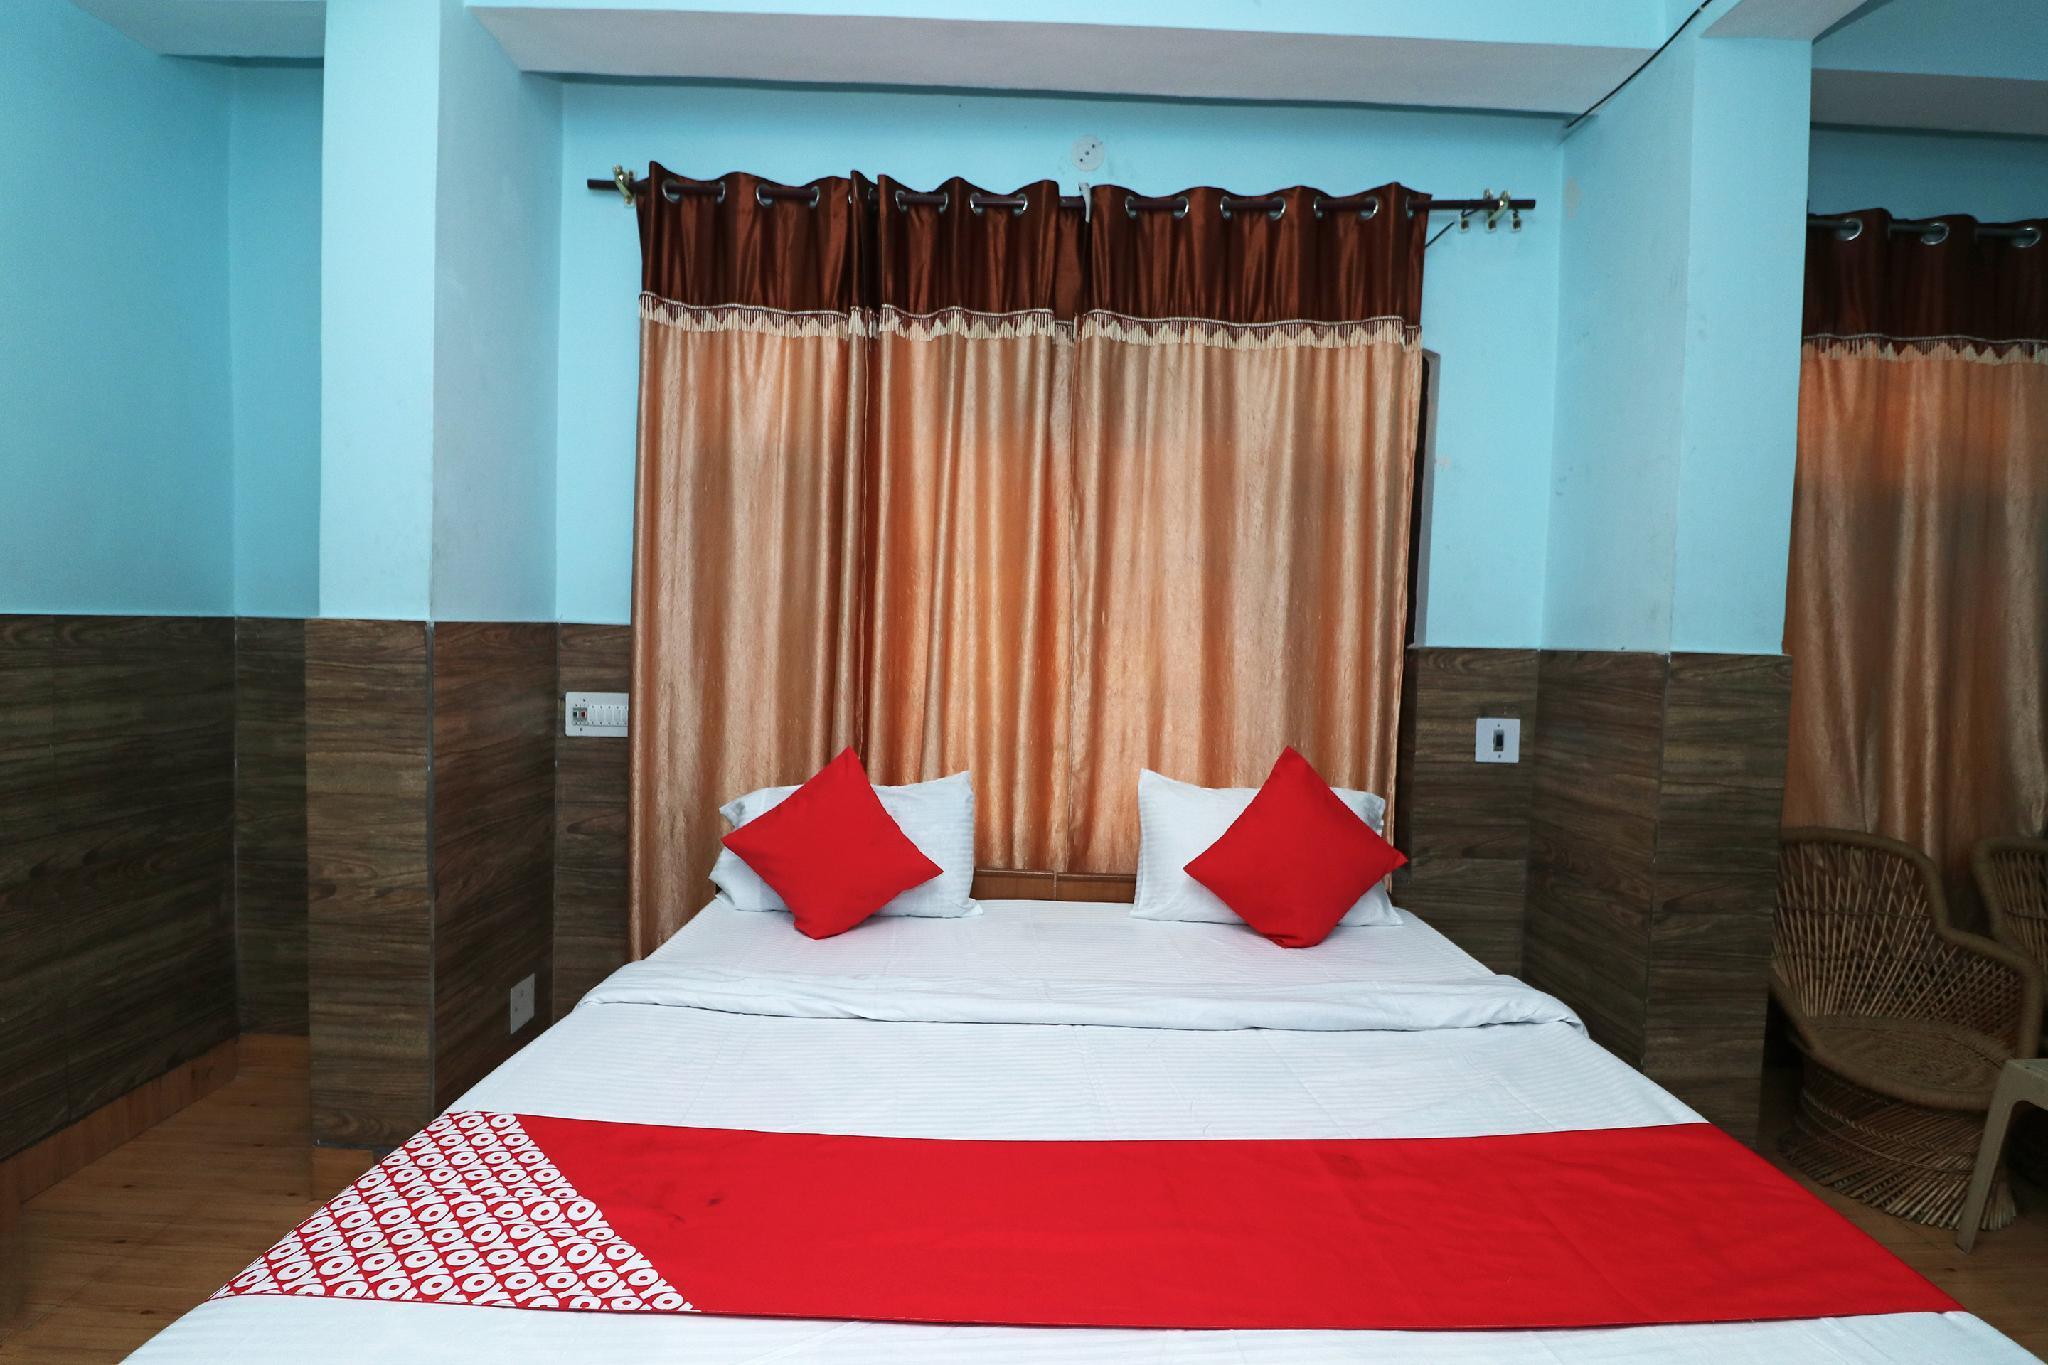 OYO 40855 Bittu Guest House, Bilaspur